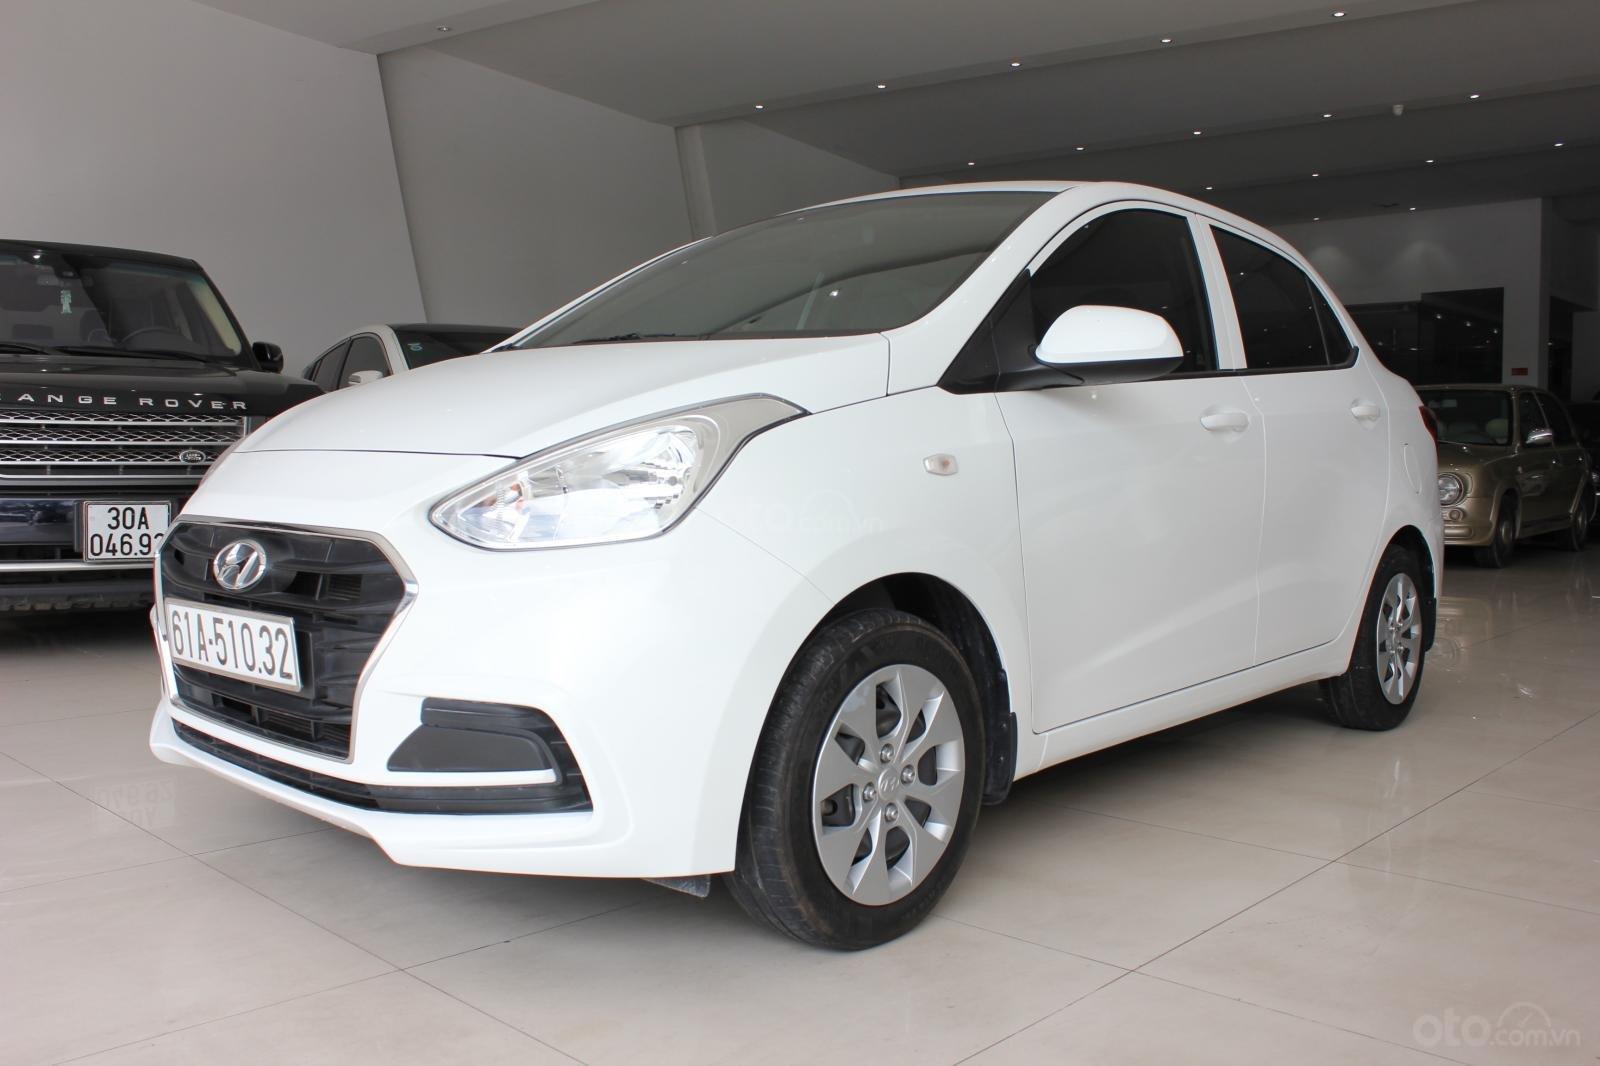 Cần bán xe Hyundai Grand i10 1.2 MT, năm 2018, màu trắng, giá 335tr (1)